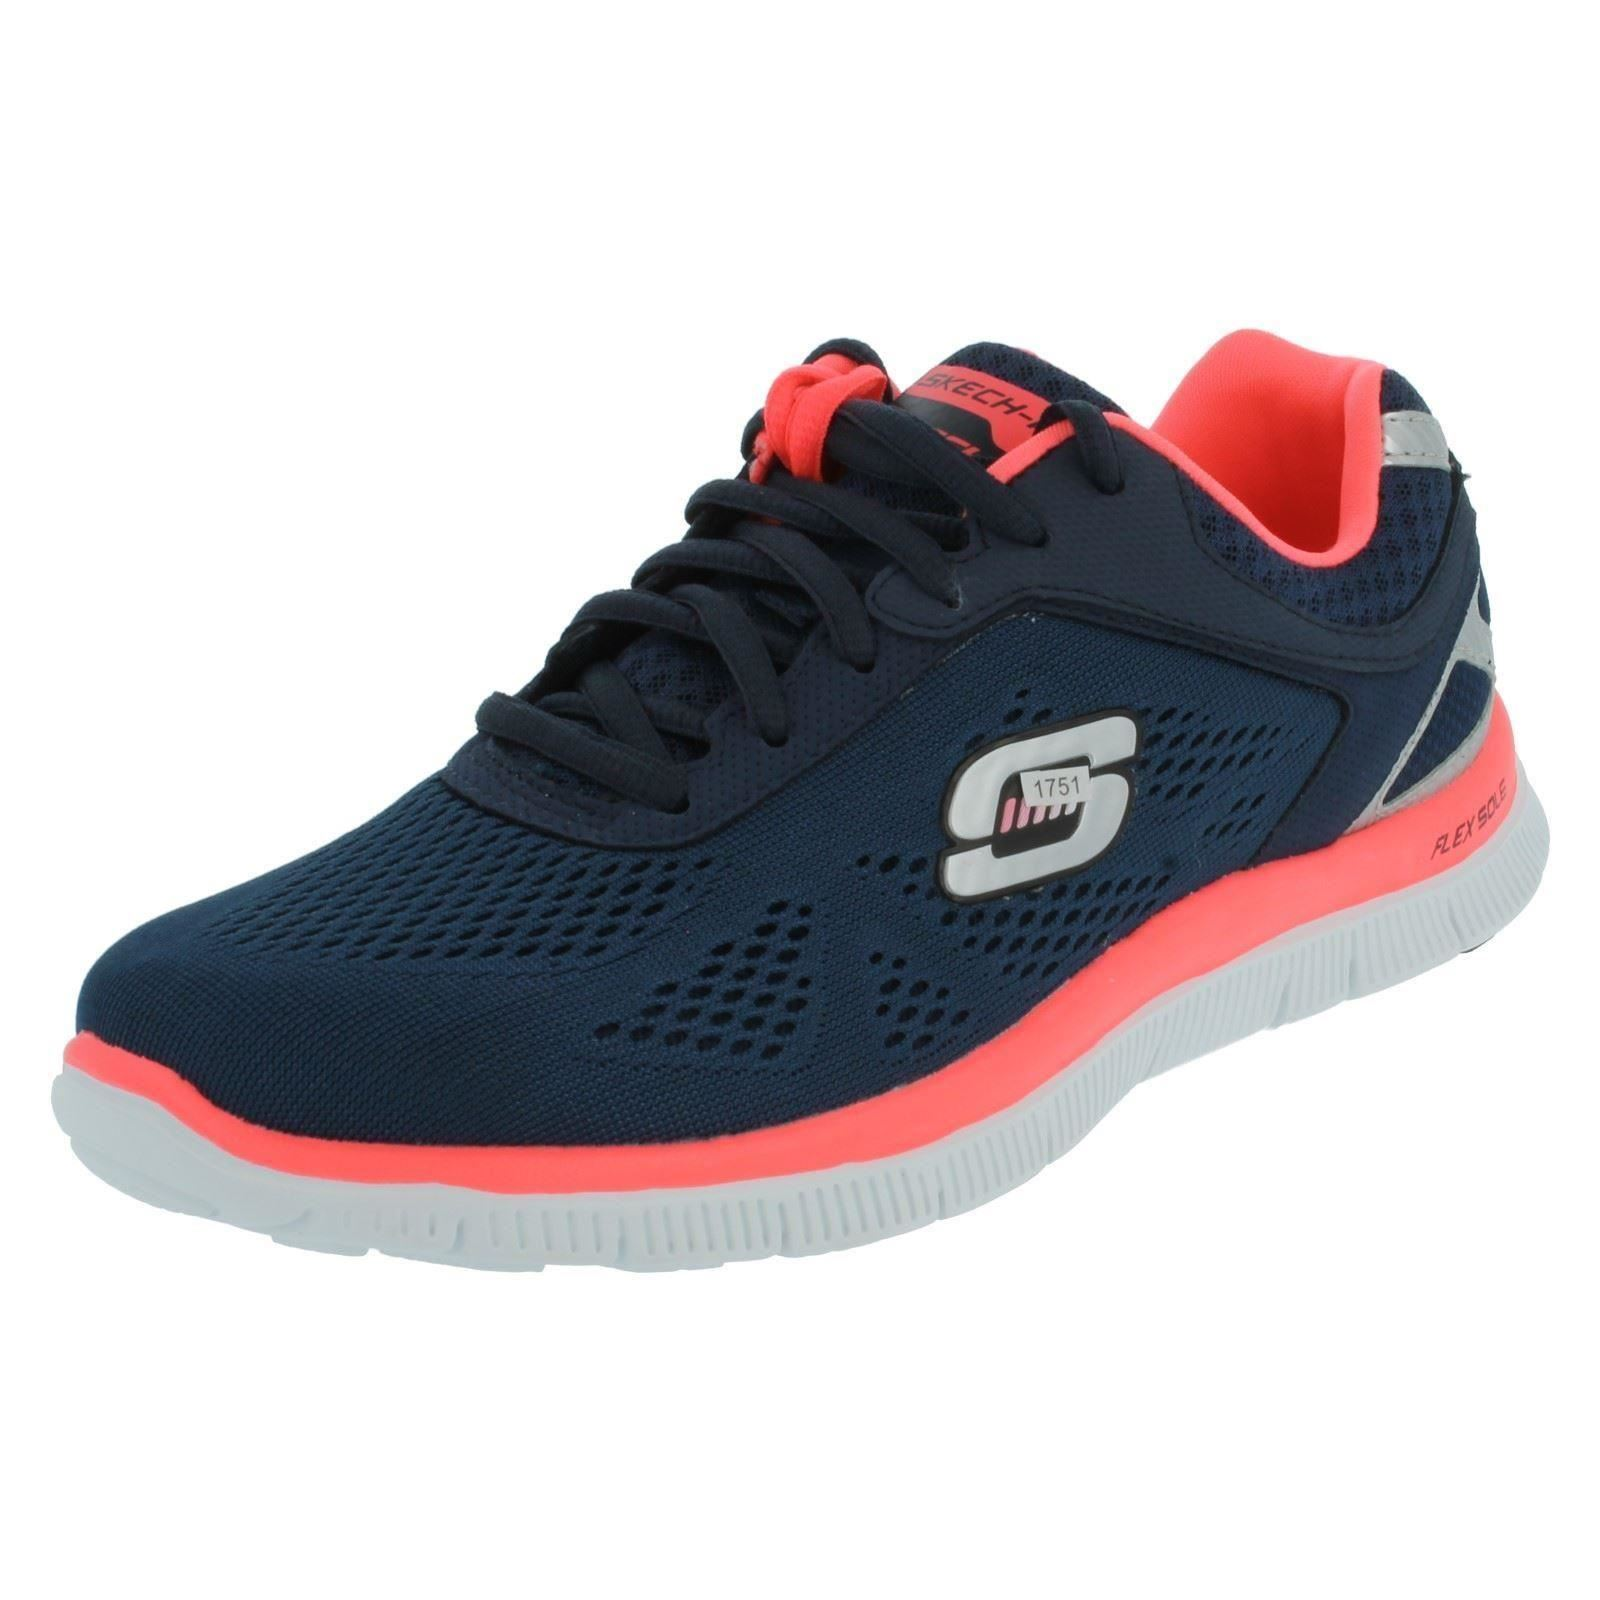 bac390e8985 Mujer Love su estilo Flex Appeal Zapatillas de Skechers Venta 1e306b ...